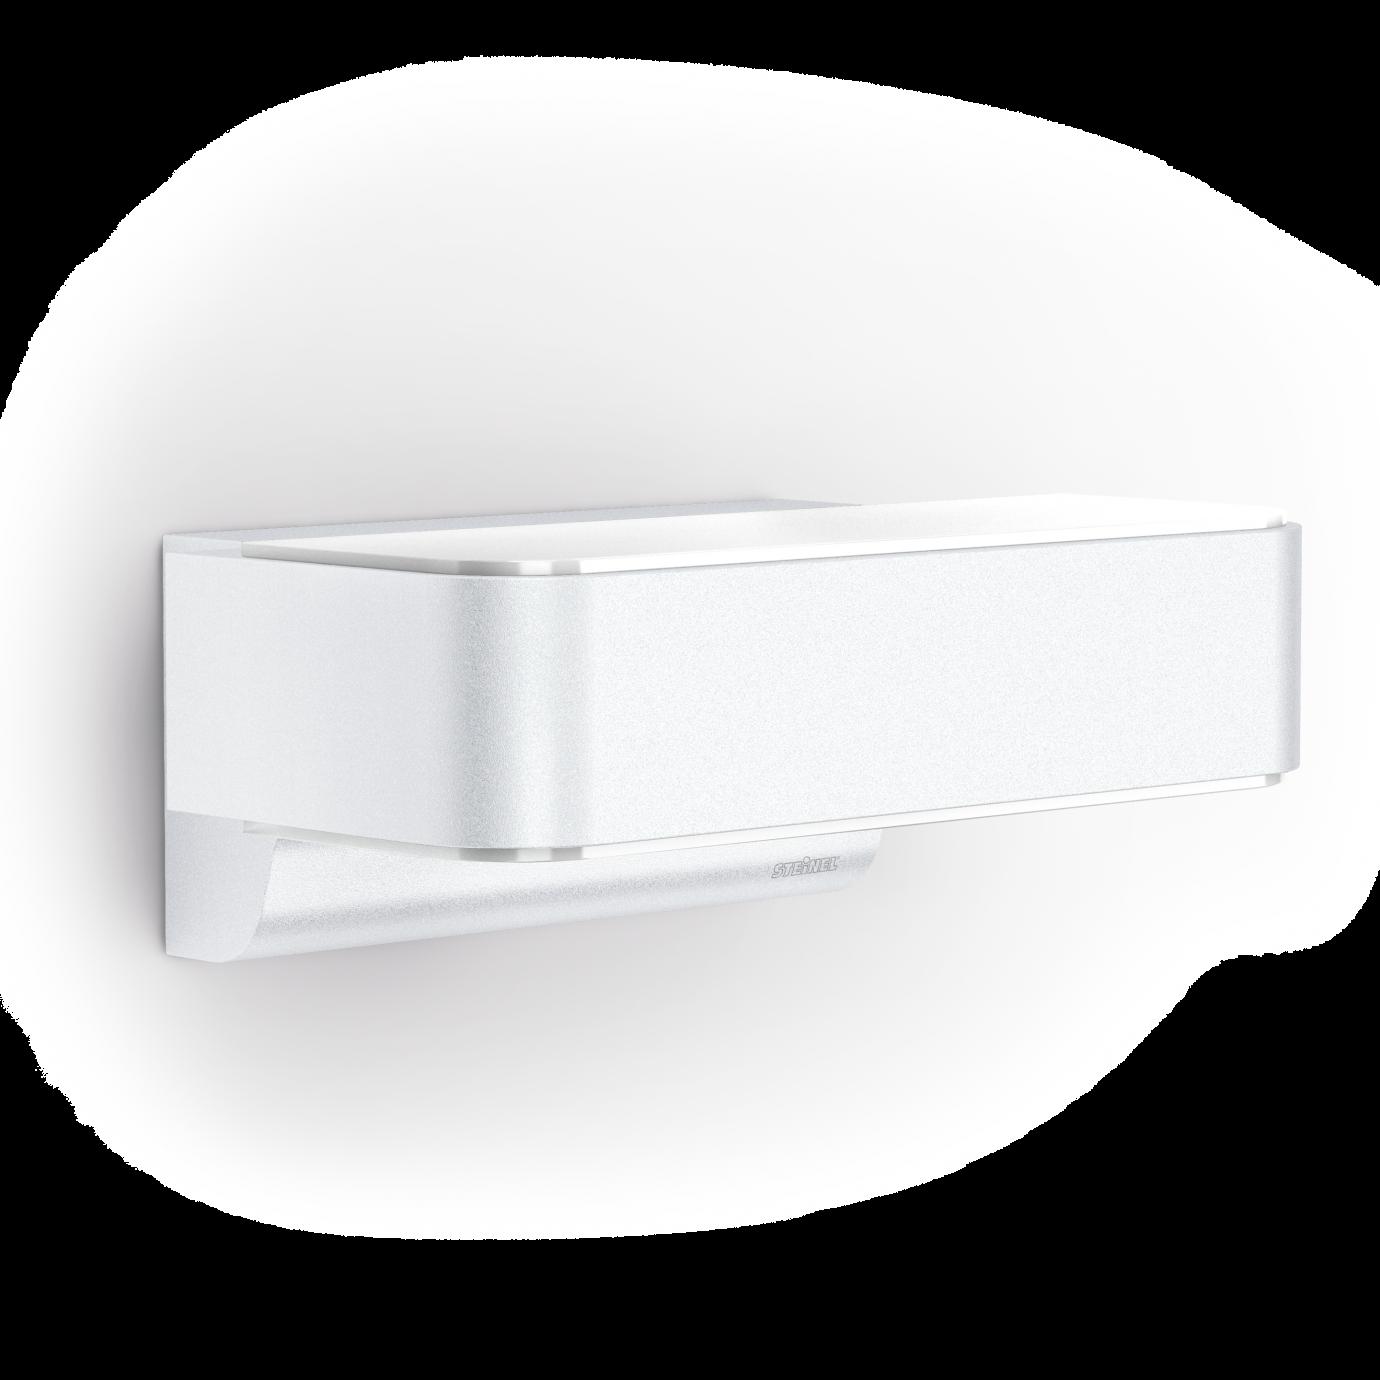 wandlampen steinel l810 led up en downlight wit. Black Bedroom Furniture Sets. Home Design Ideas